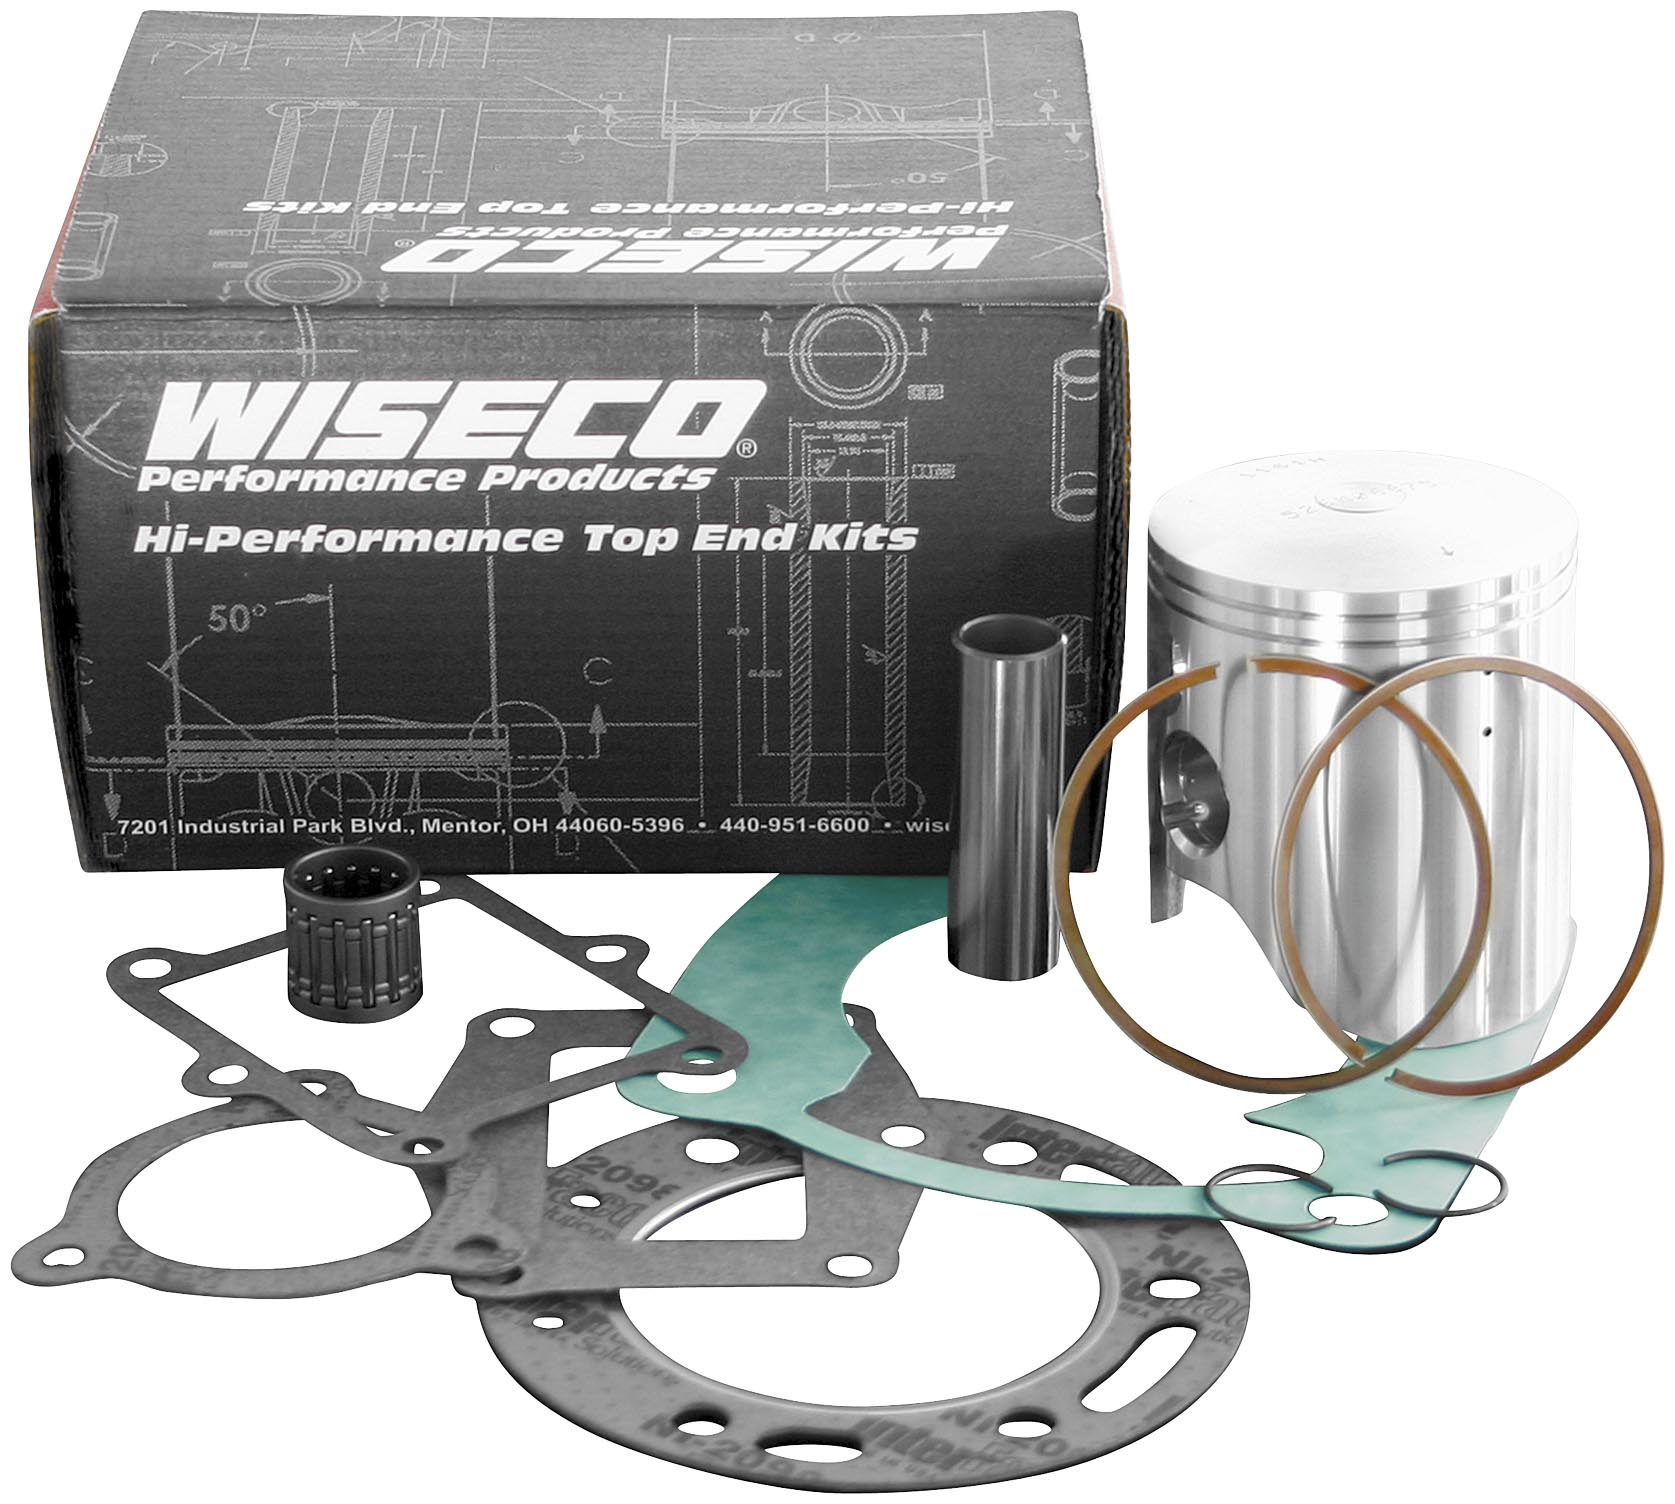 2 Piston Ring Sets SKI-DOO SKANDIC 550 F 76.00MM 522cc /'2004